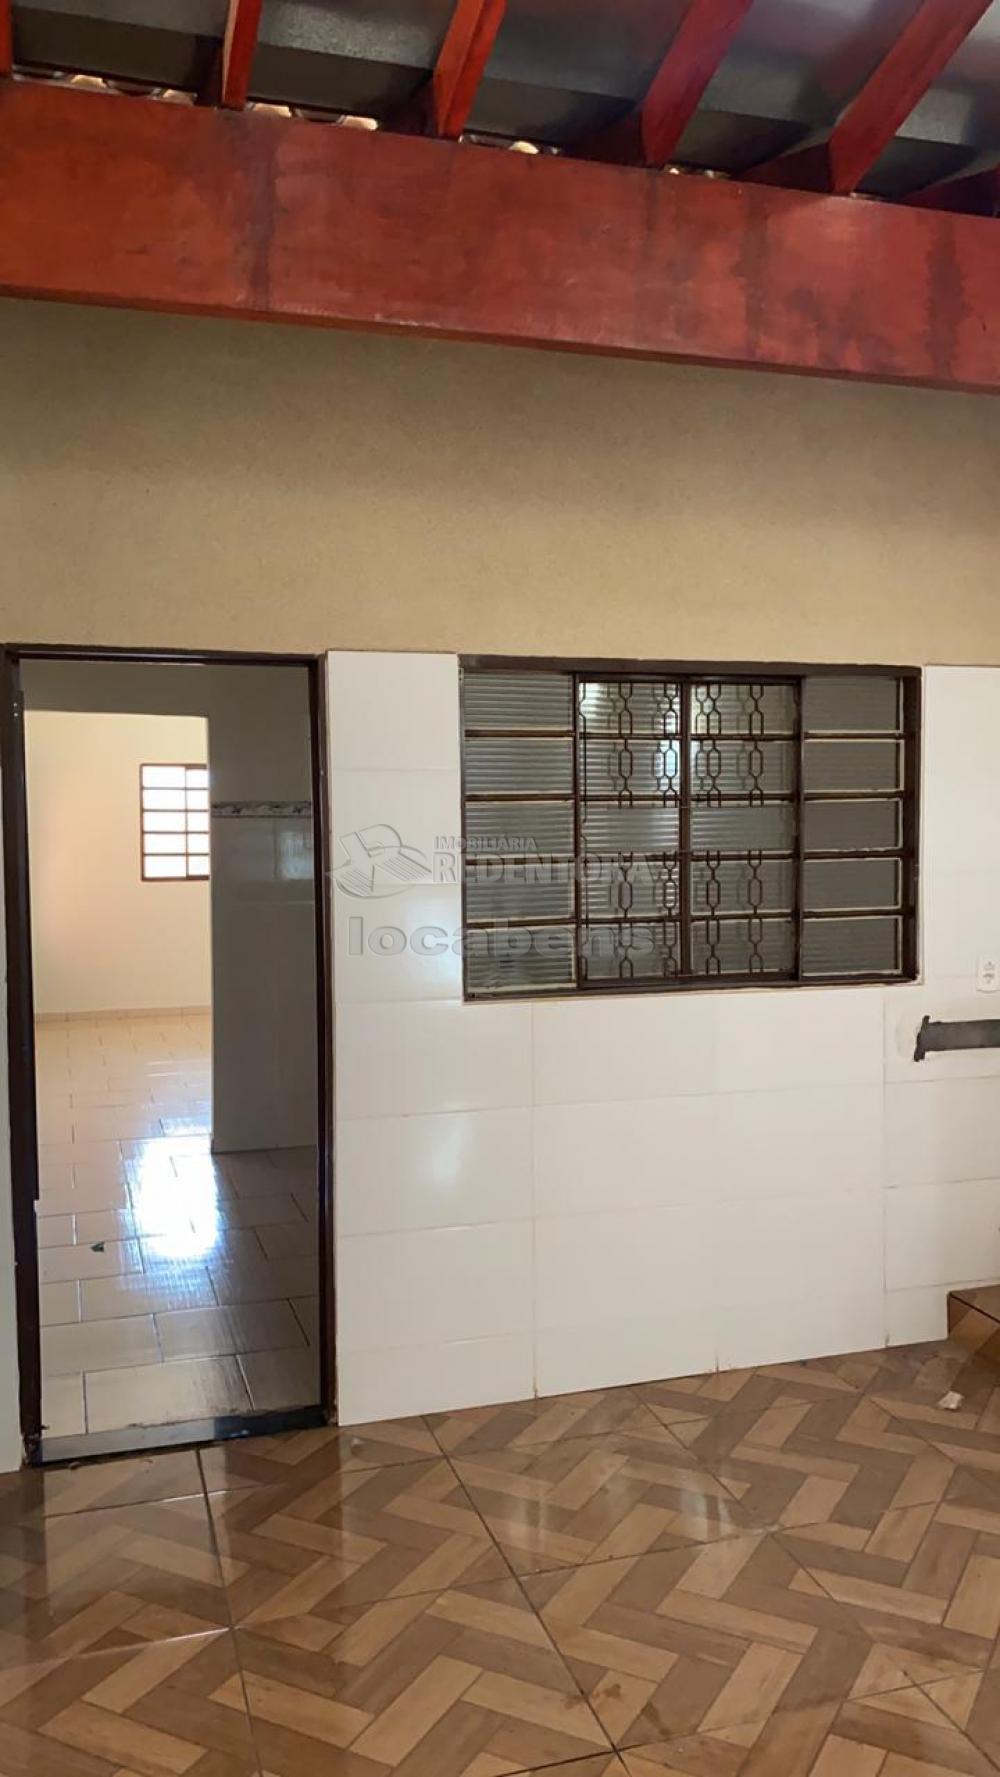 Comprar Casa / Padrão em São José do Rio Preto apenas R$ 225.000,00 - Foto 5